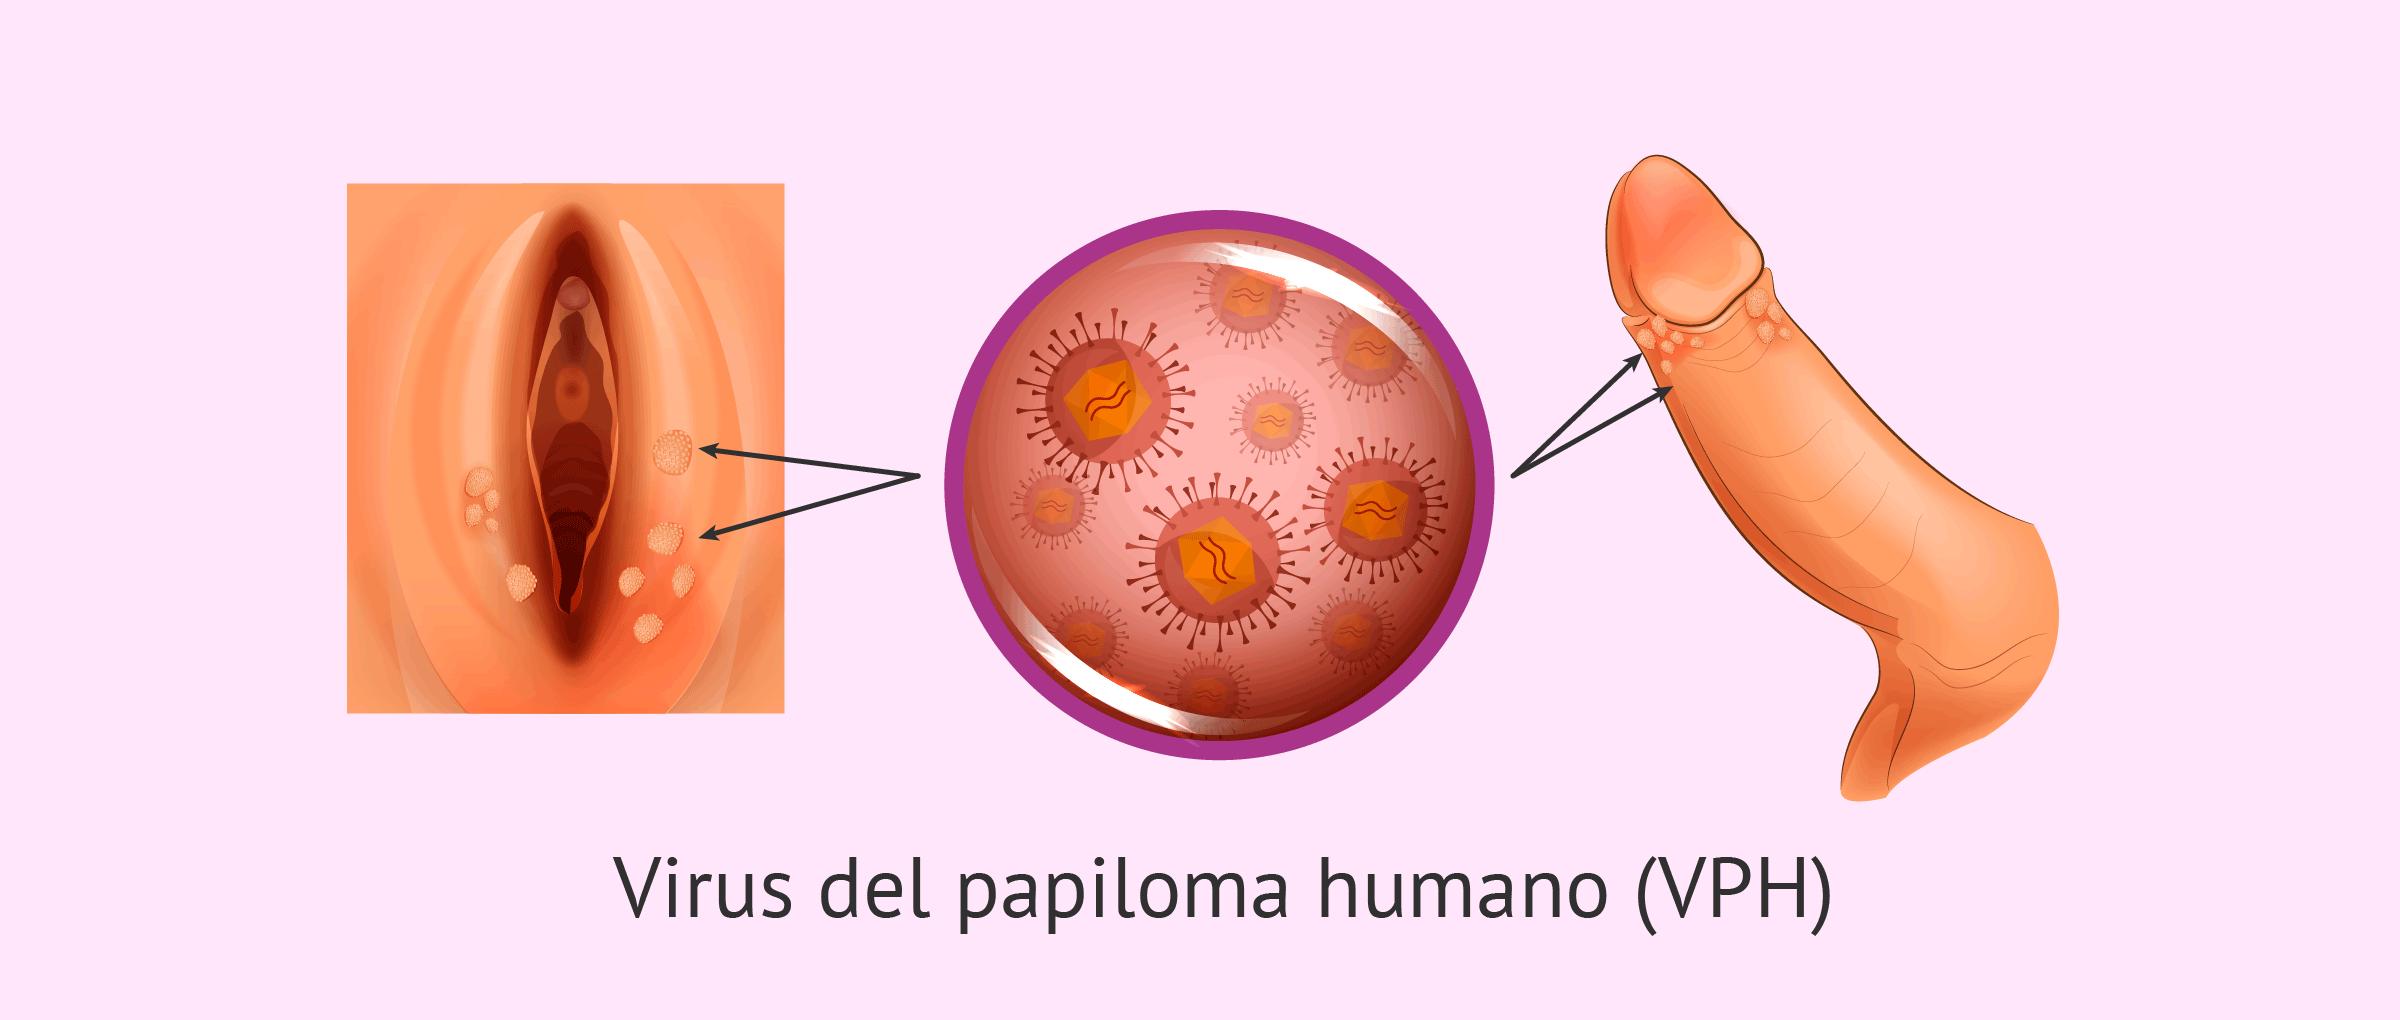 kako prepoznati parazite u organizmu endocrine cancer stage 3